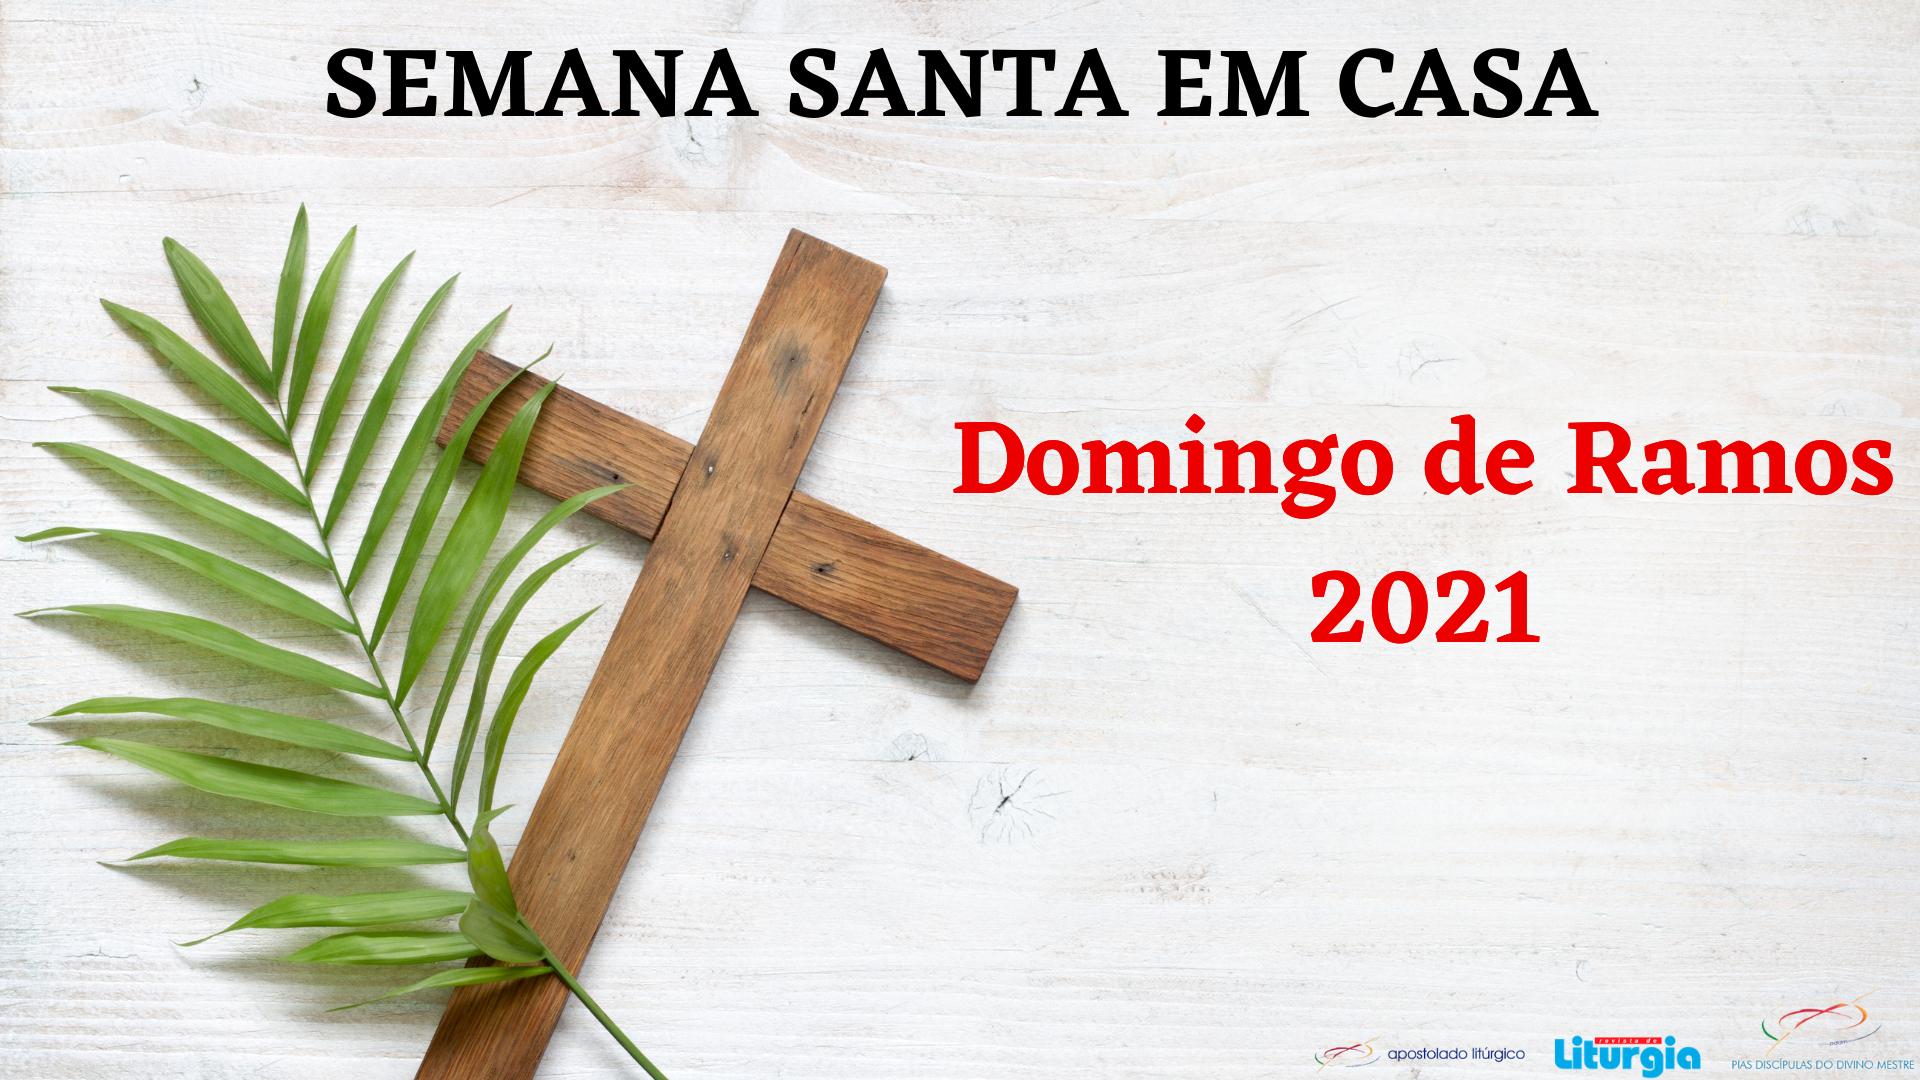 SEMANA SANTA EM CASA- Domingo de Ramos 2021